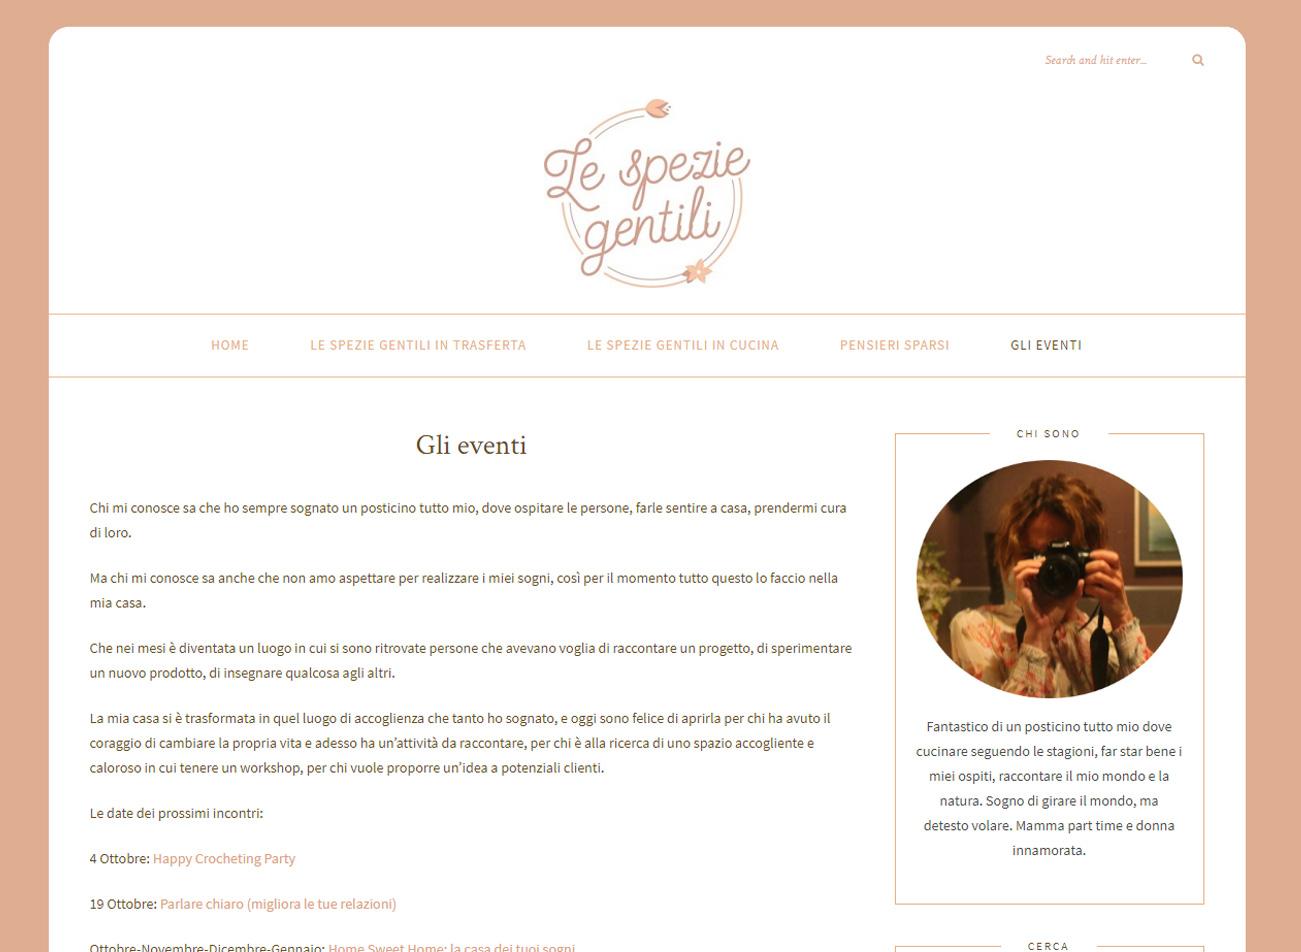 Le Spezie Gentili - prima del restyling